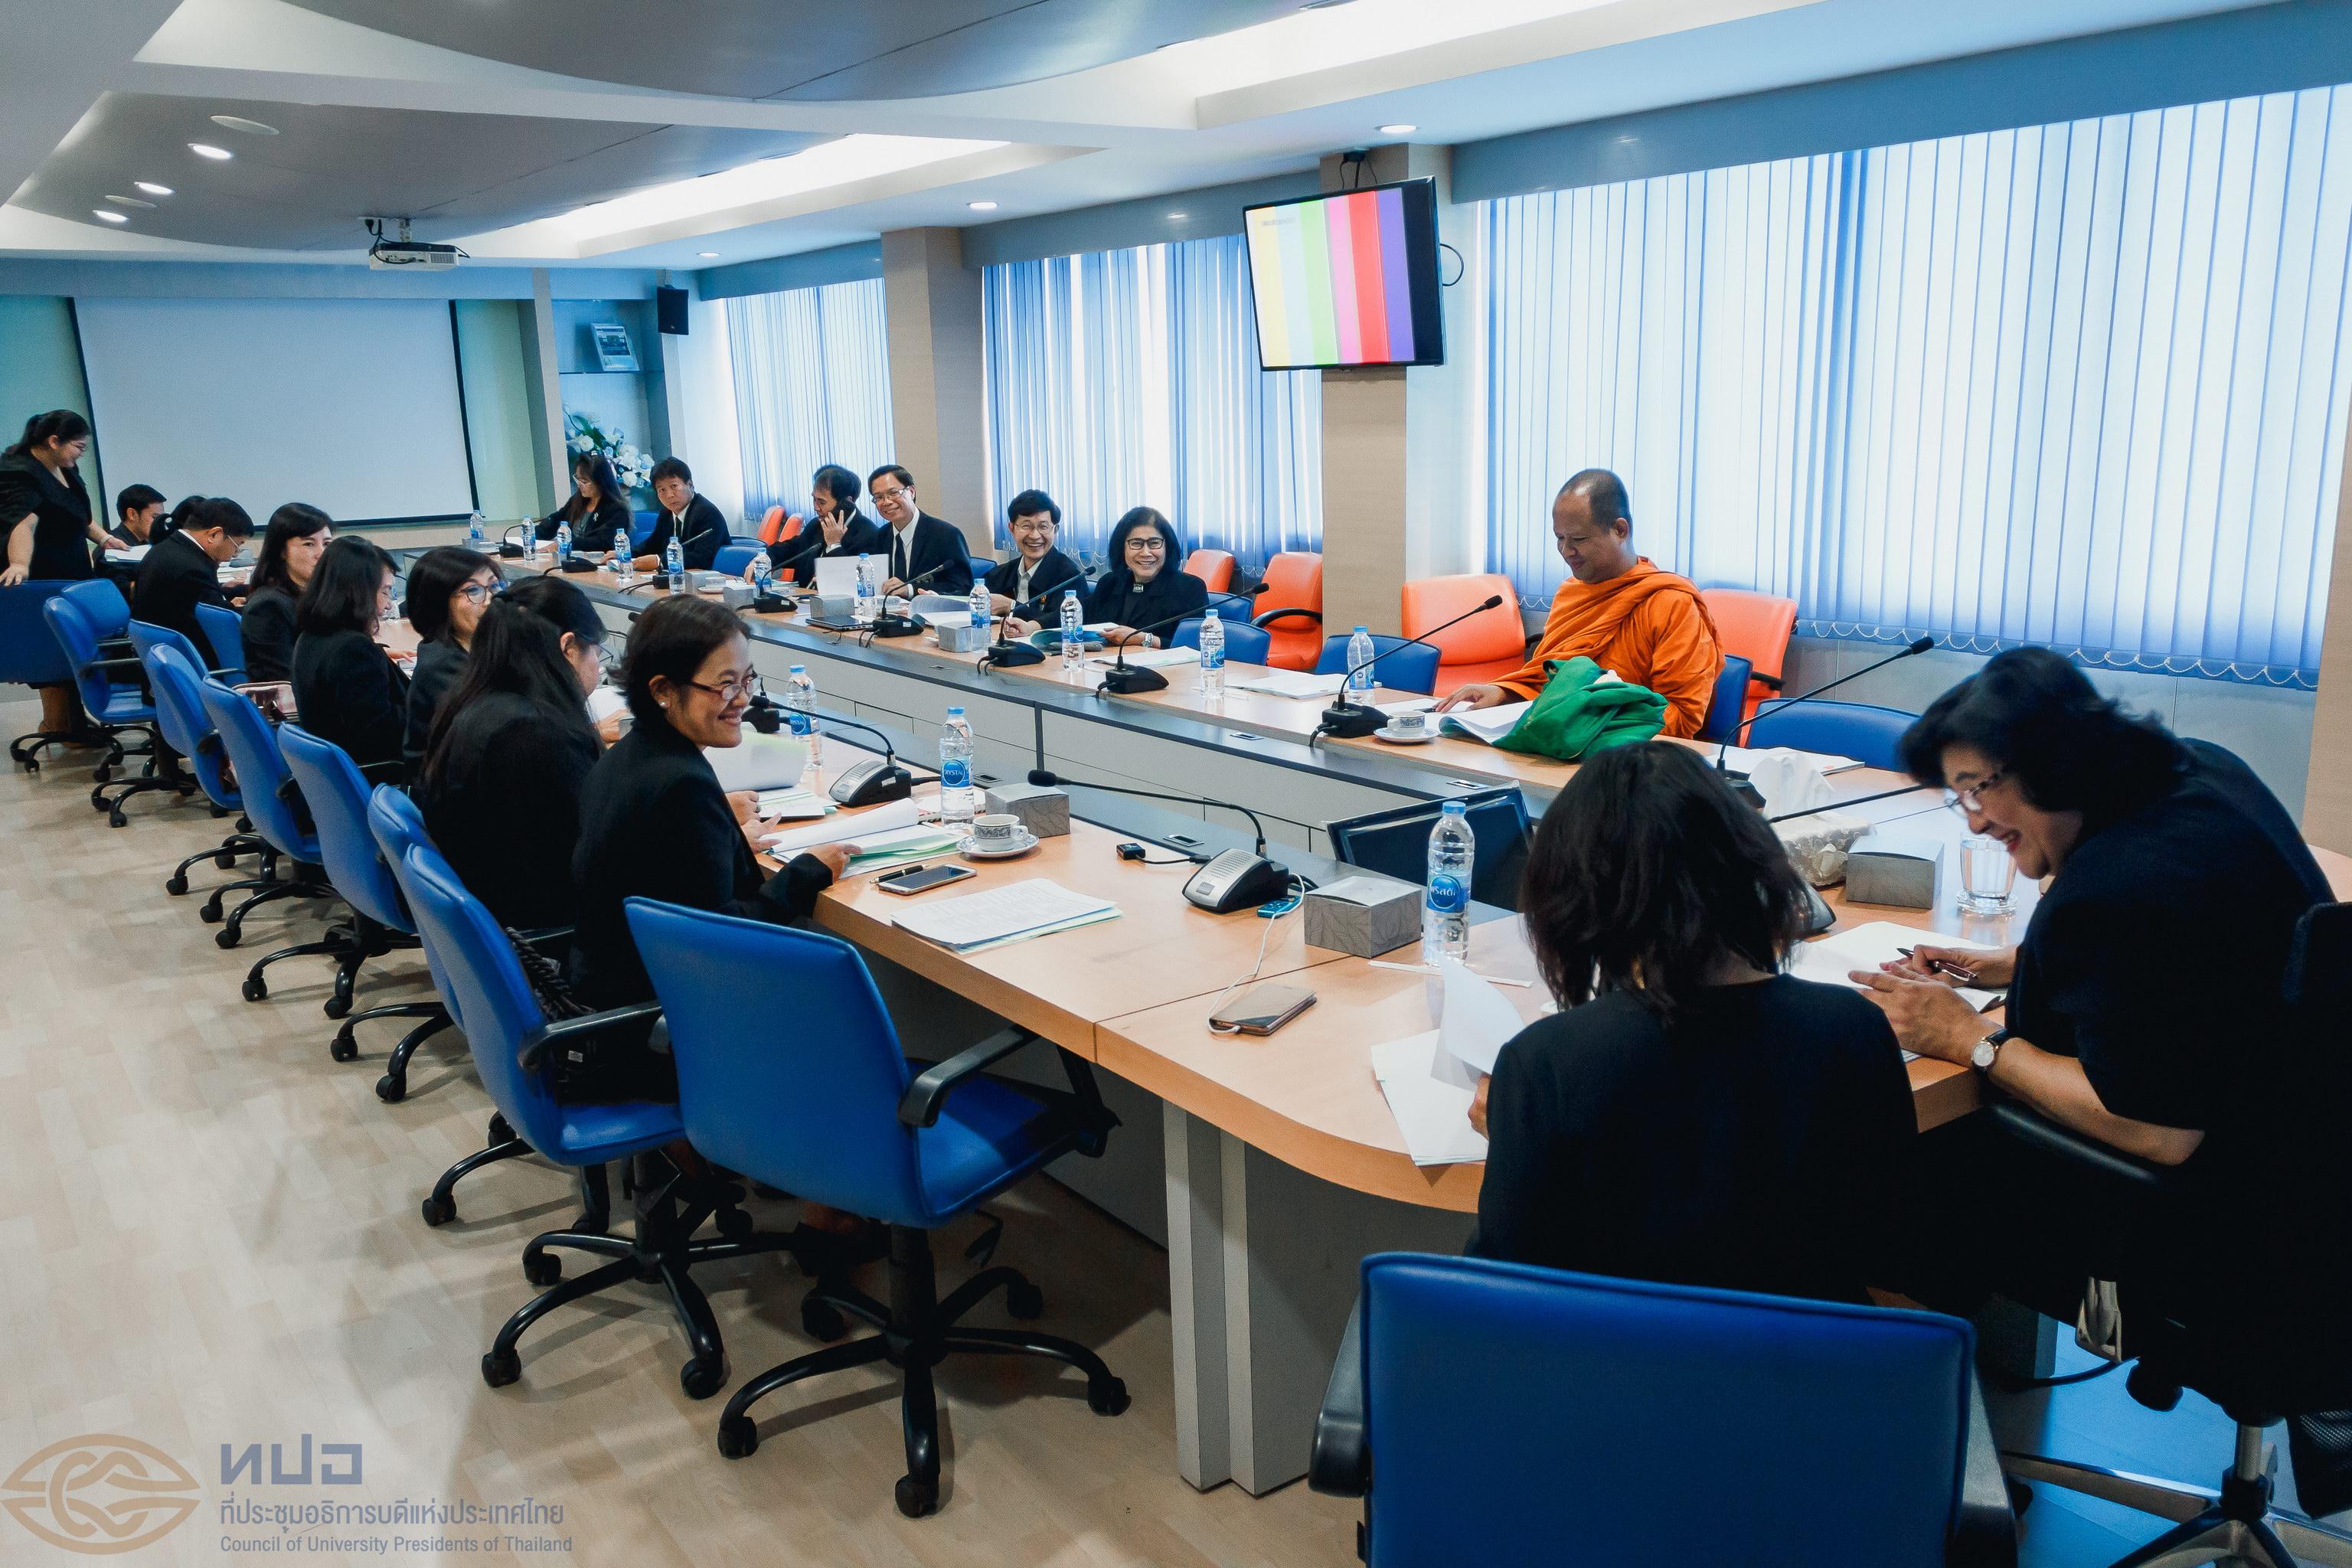 การประชุมคณะกรรมการวิชาการ ทปอ. ครั้งที่ 1/2560